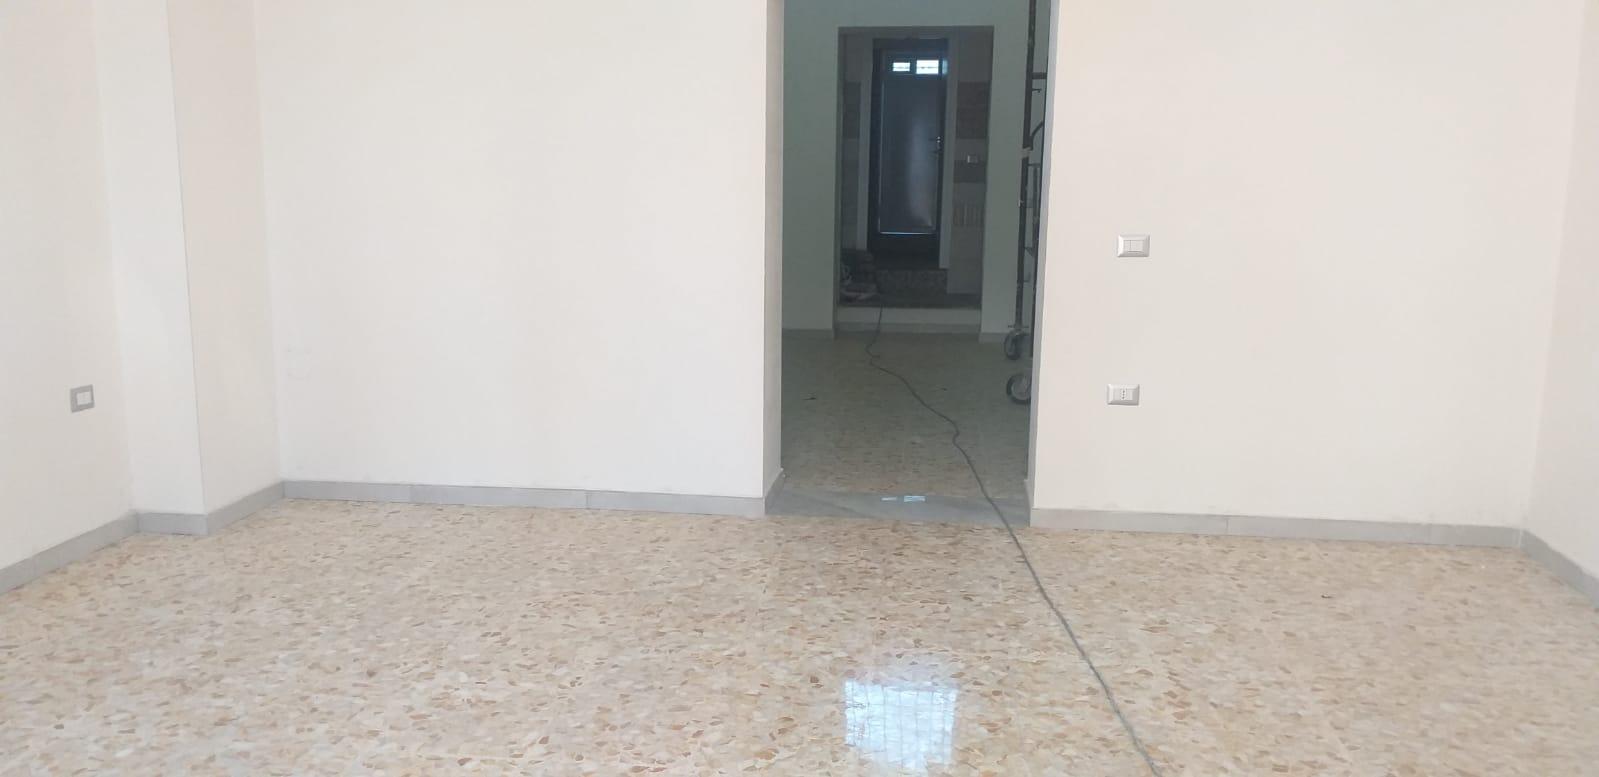 Negozio / Locale in affitto a Ottaviano, 9999 locali, prezzo € 550 | CambioCasa.it